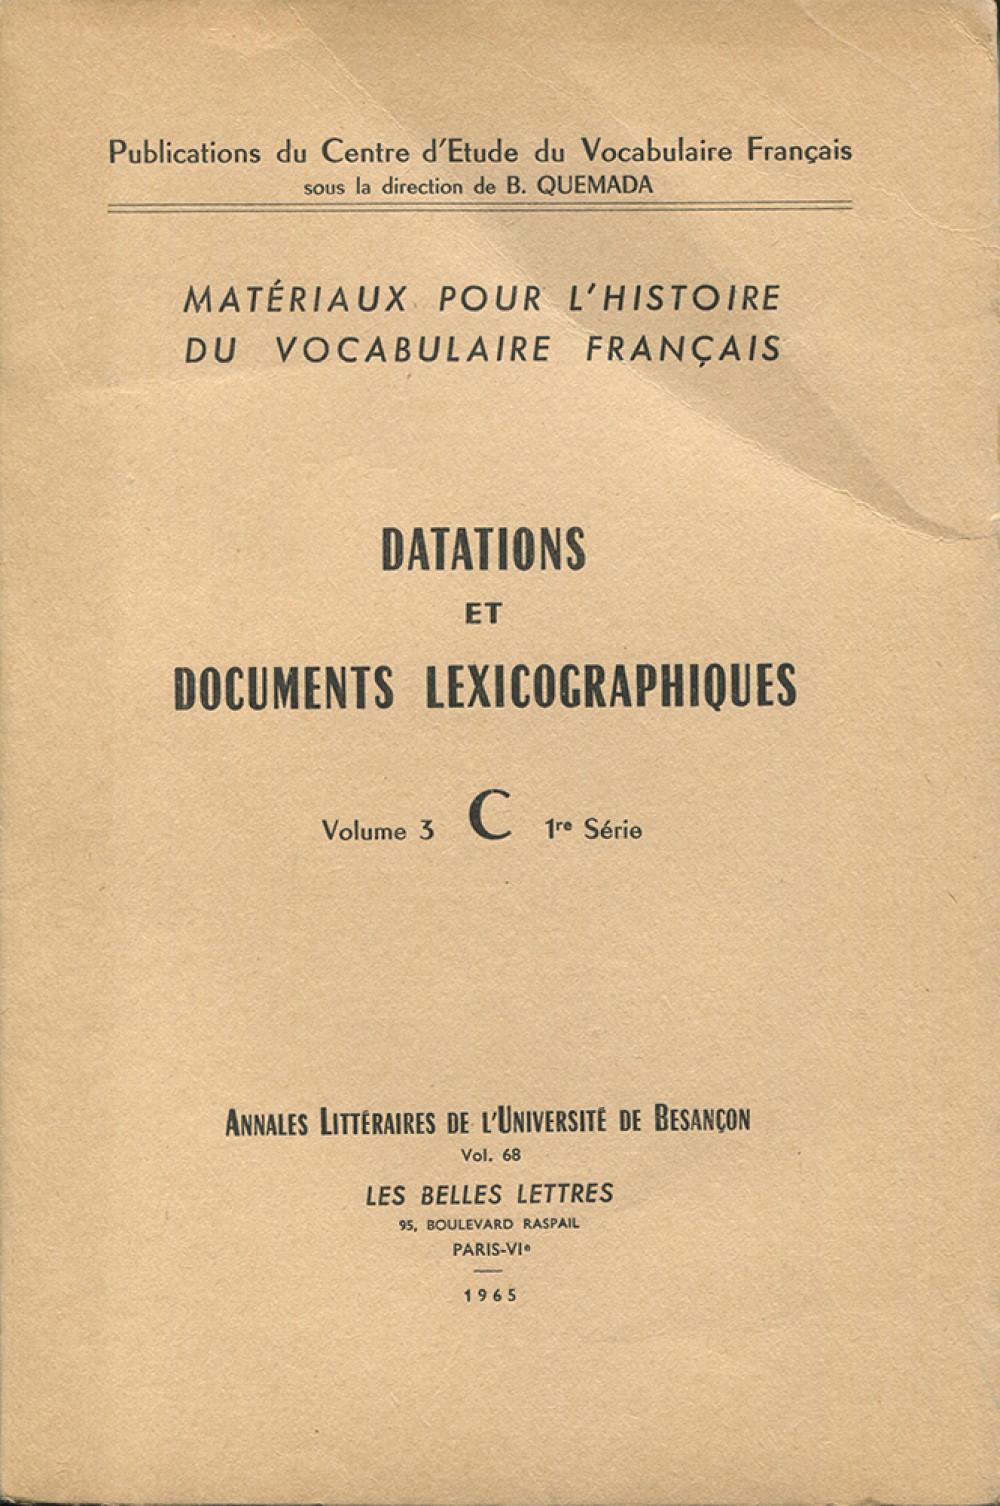 Matériaux pour l'histoire du vocabulaire français III